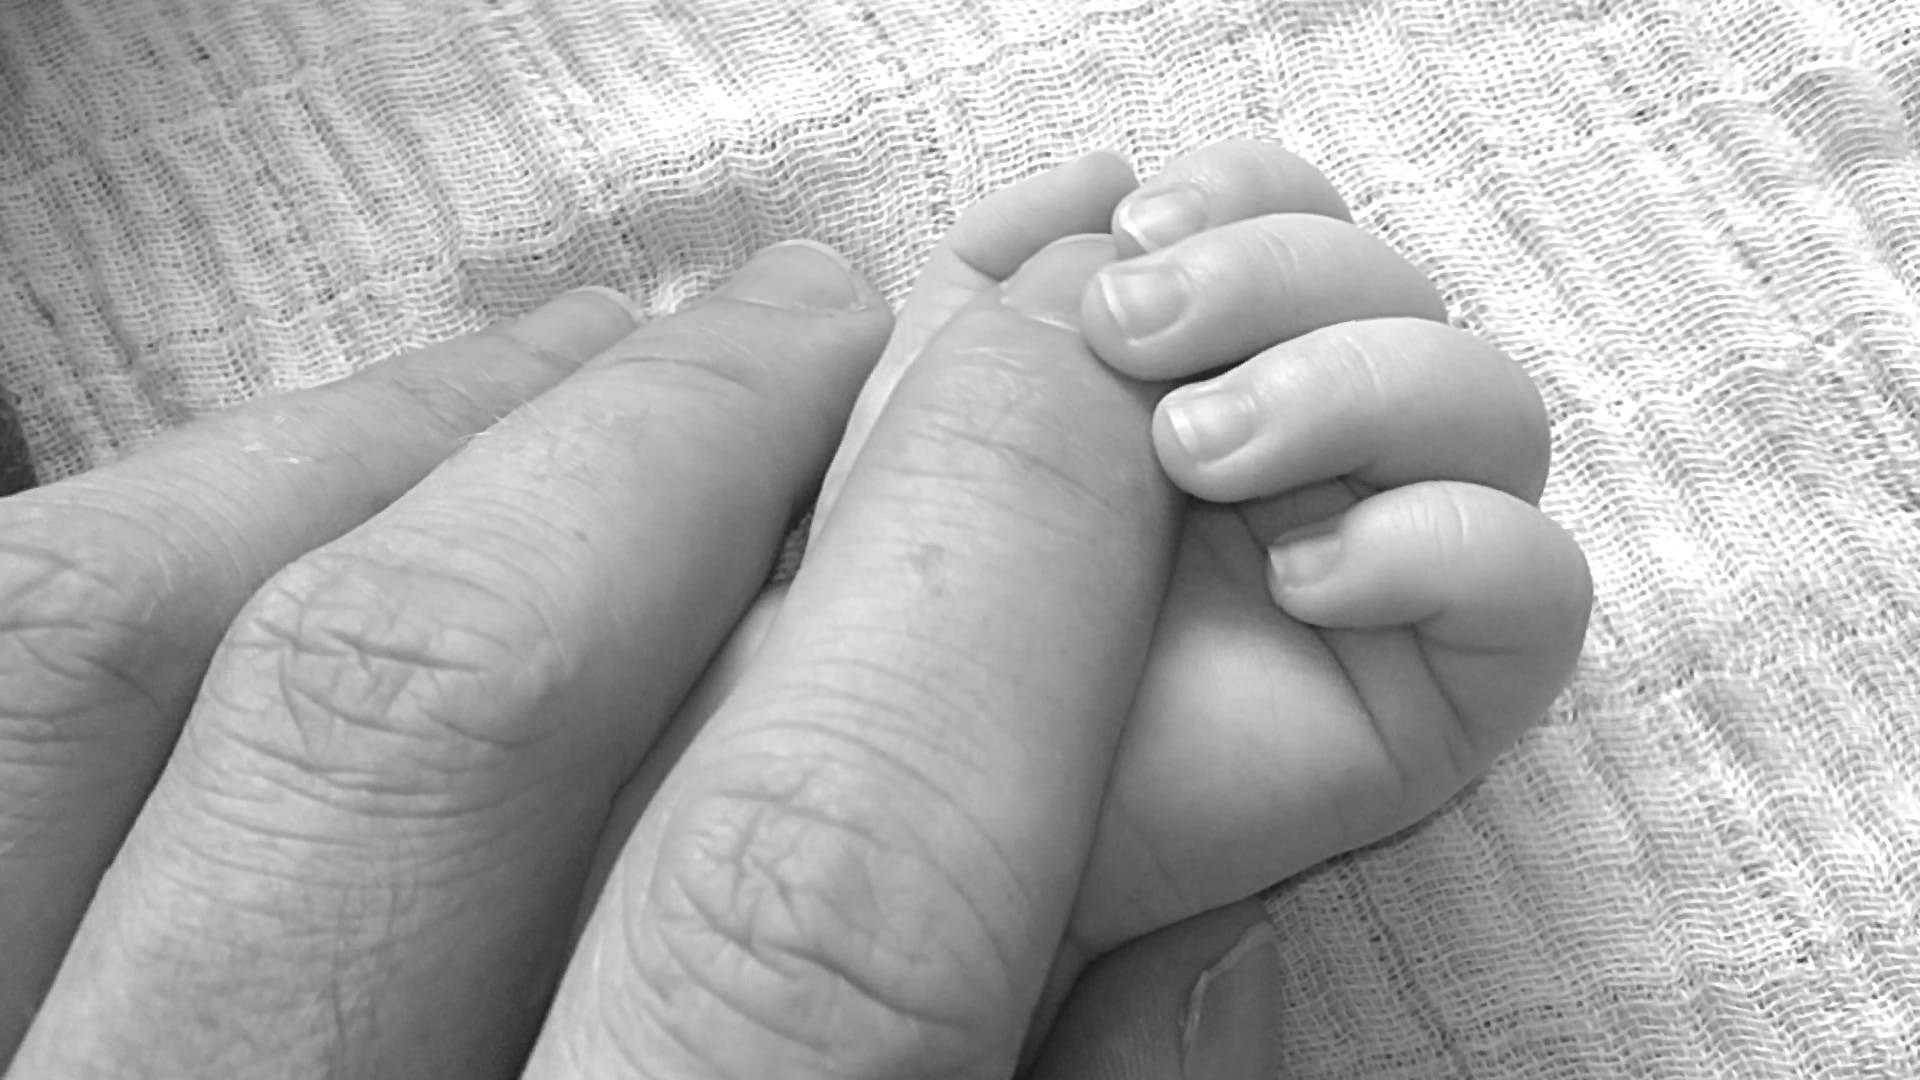 Δωρεάν στοκ φωτογραφιών με αγάπη, ασπρόμαυρο, βρέφος, δάχτυλα